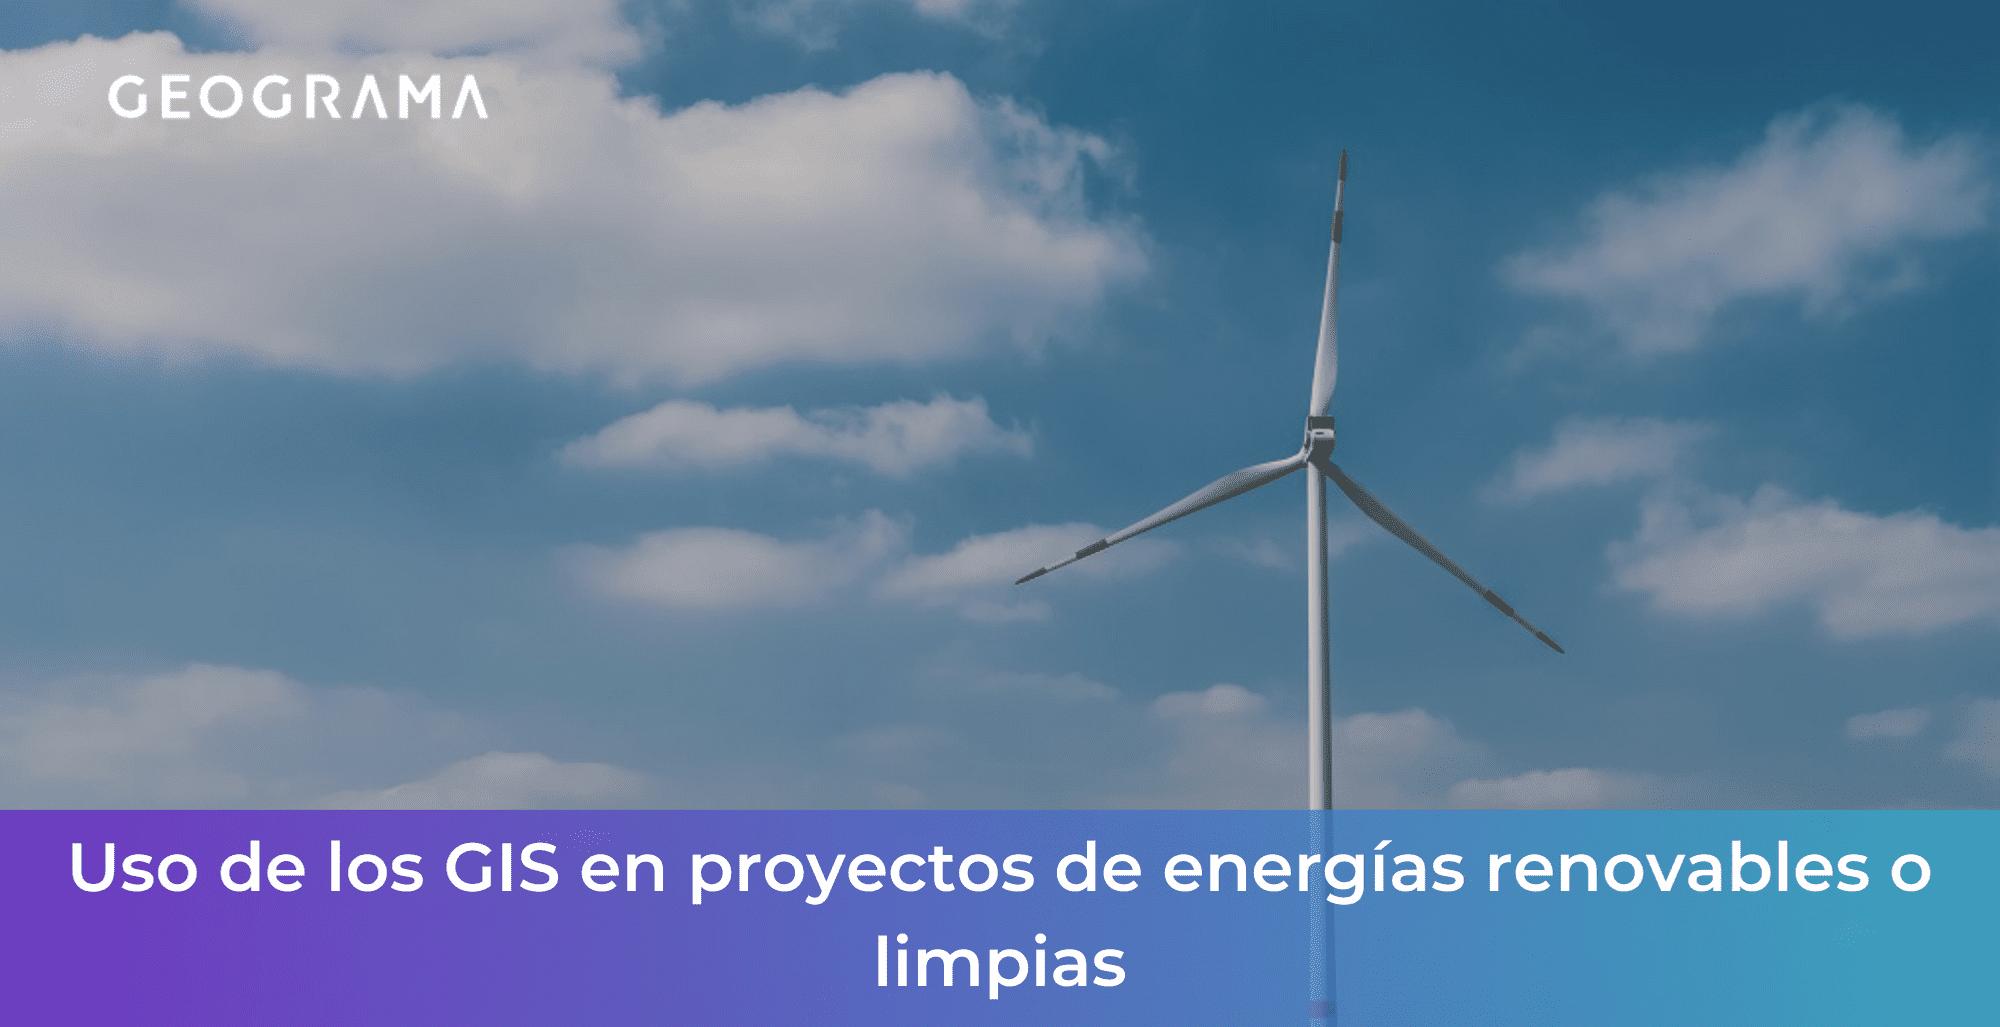 GEOGRAMA - Uso de los GIS en proyectos de energías renovables o limpias